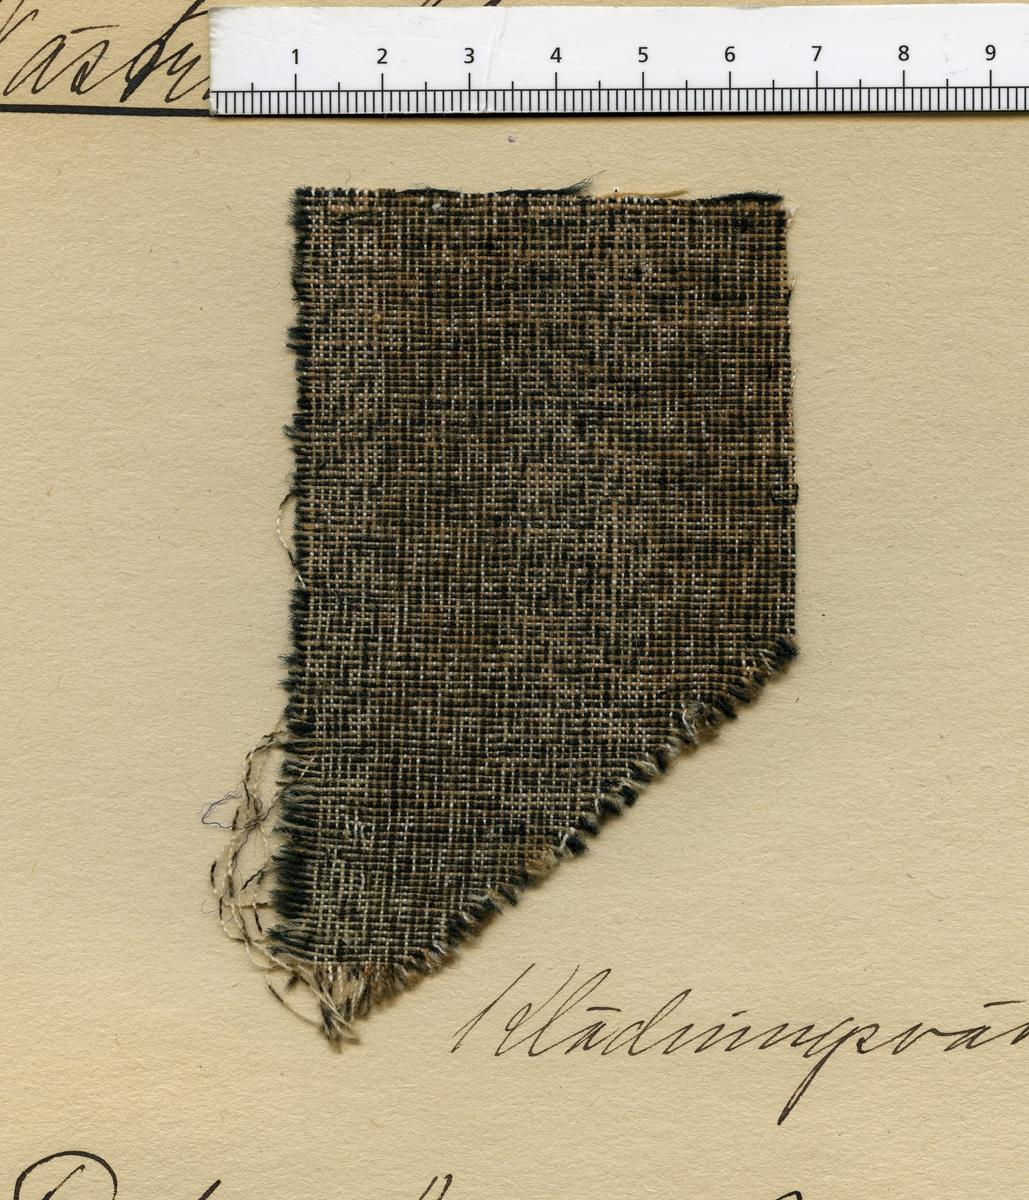 Anmärkningar: Vävnadsprov Olga Anderzons samling. Klänningsväv, Fröken Agnes Olsson, Näs Skedvi Västra Skedvi sn. Vävprov av halvylle i tuskaft, spräckligt. Bomullsvarpen är i vitt, brunt och beigt. Inslaget av ull är svart. L. 970 670 Br. 580 550